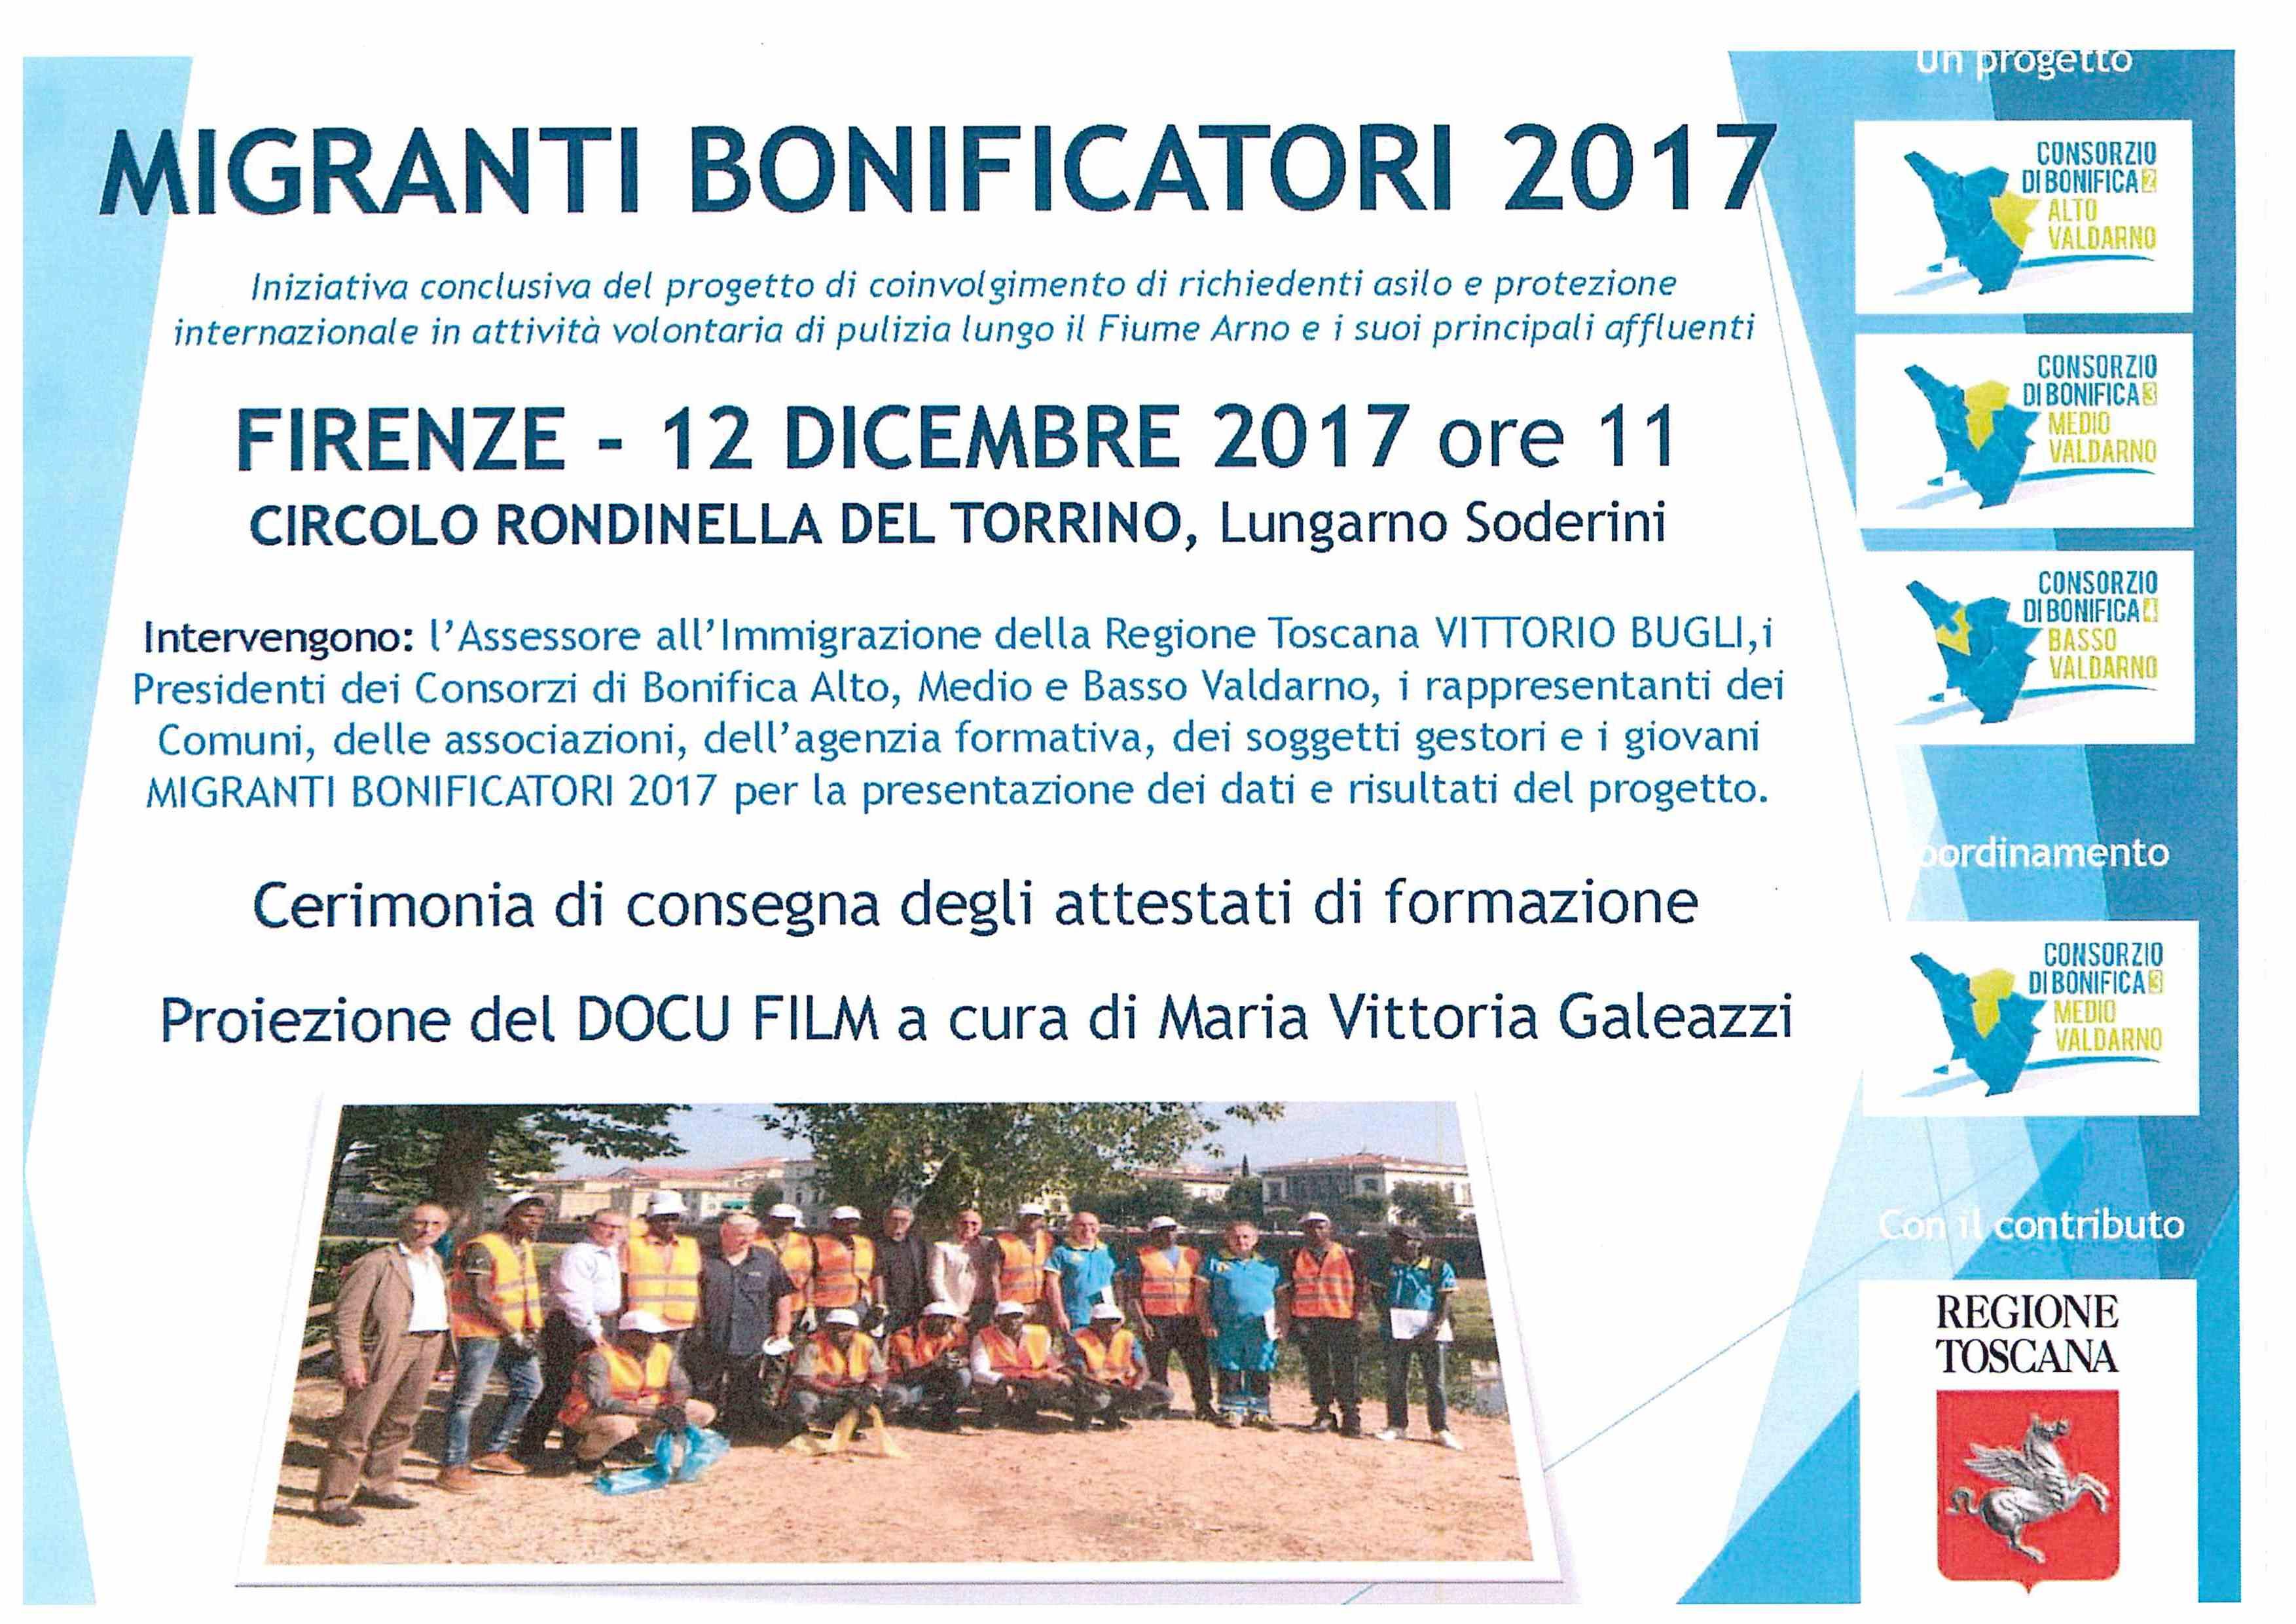 Consorzio author at consorzio 4 basso valdarno for Deposito bilancio 2017 scadenza